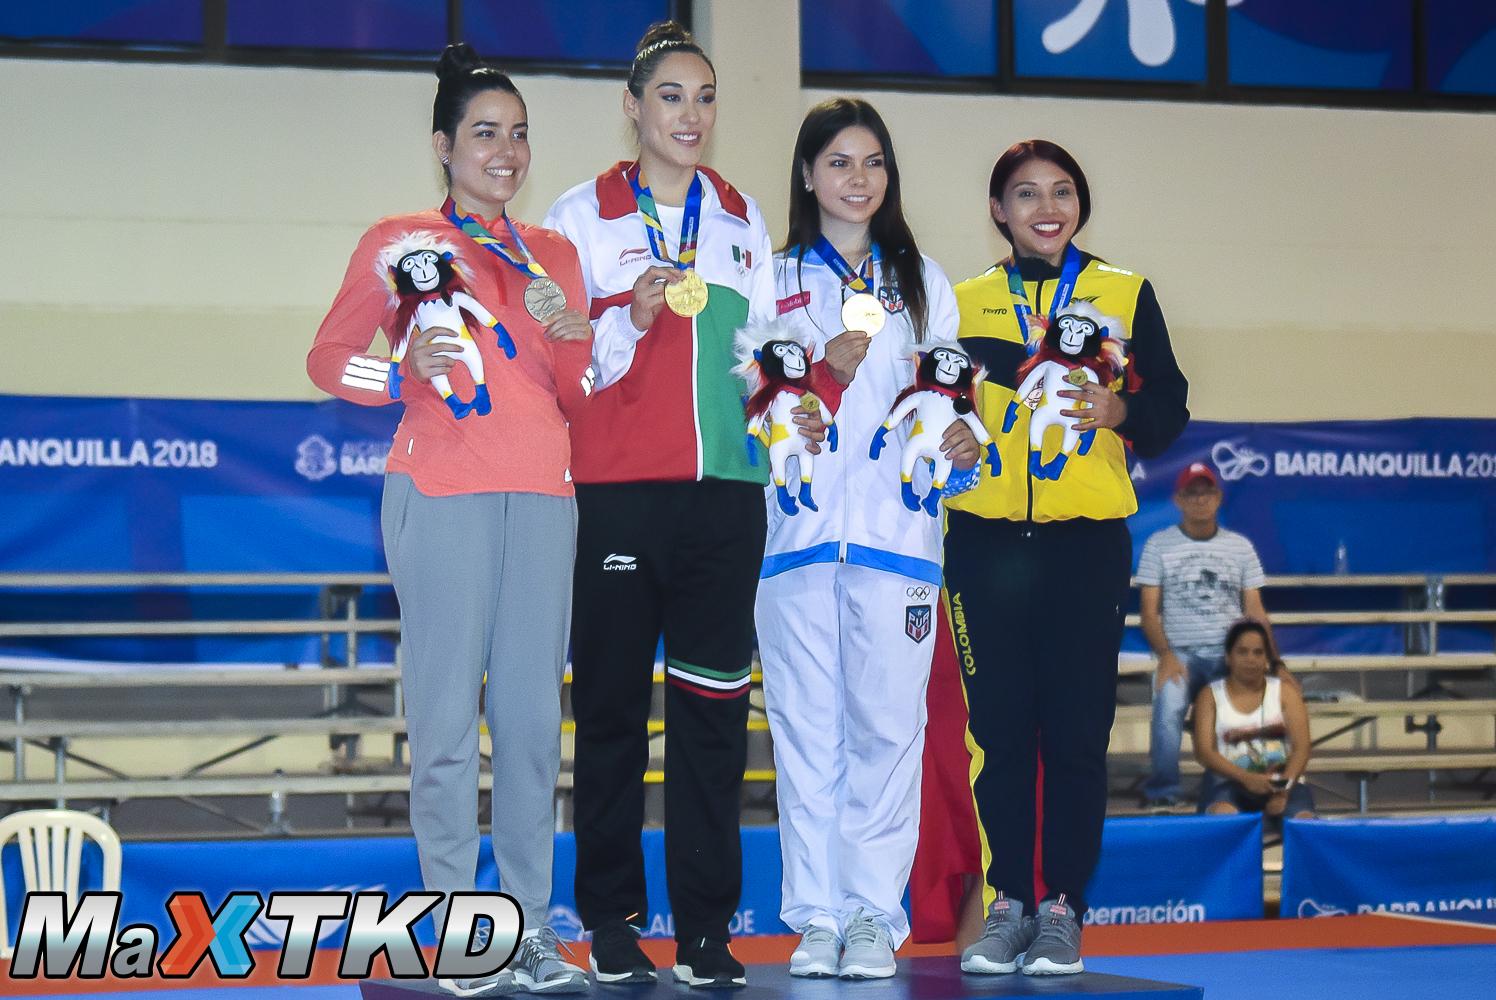 20180720_JCAC-Barranquilla2018_podioPoomsaeIndividualFemenino